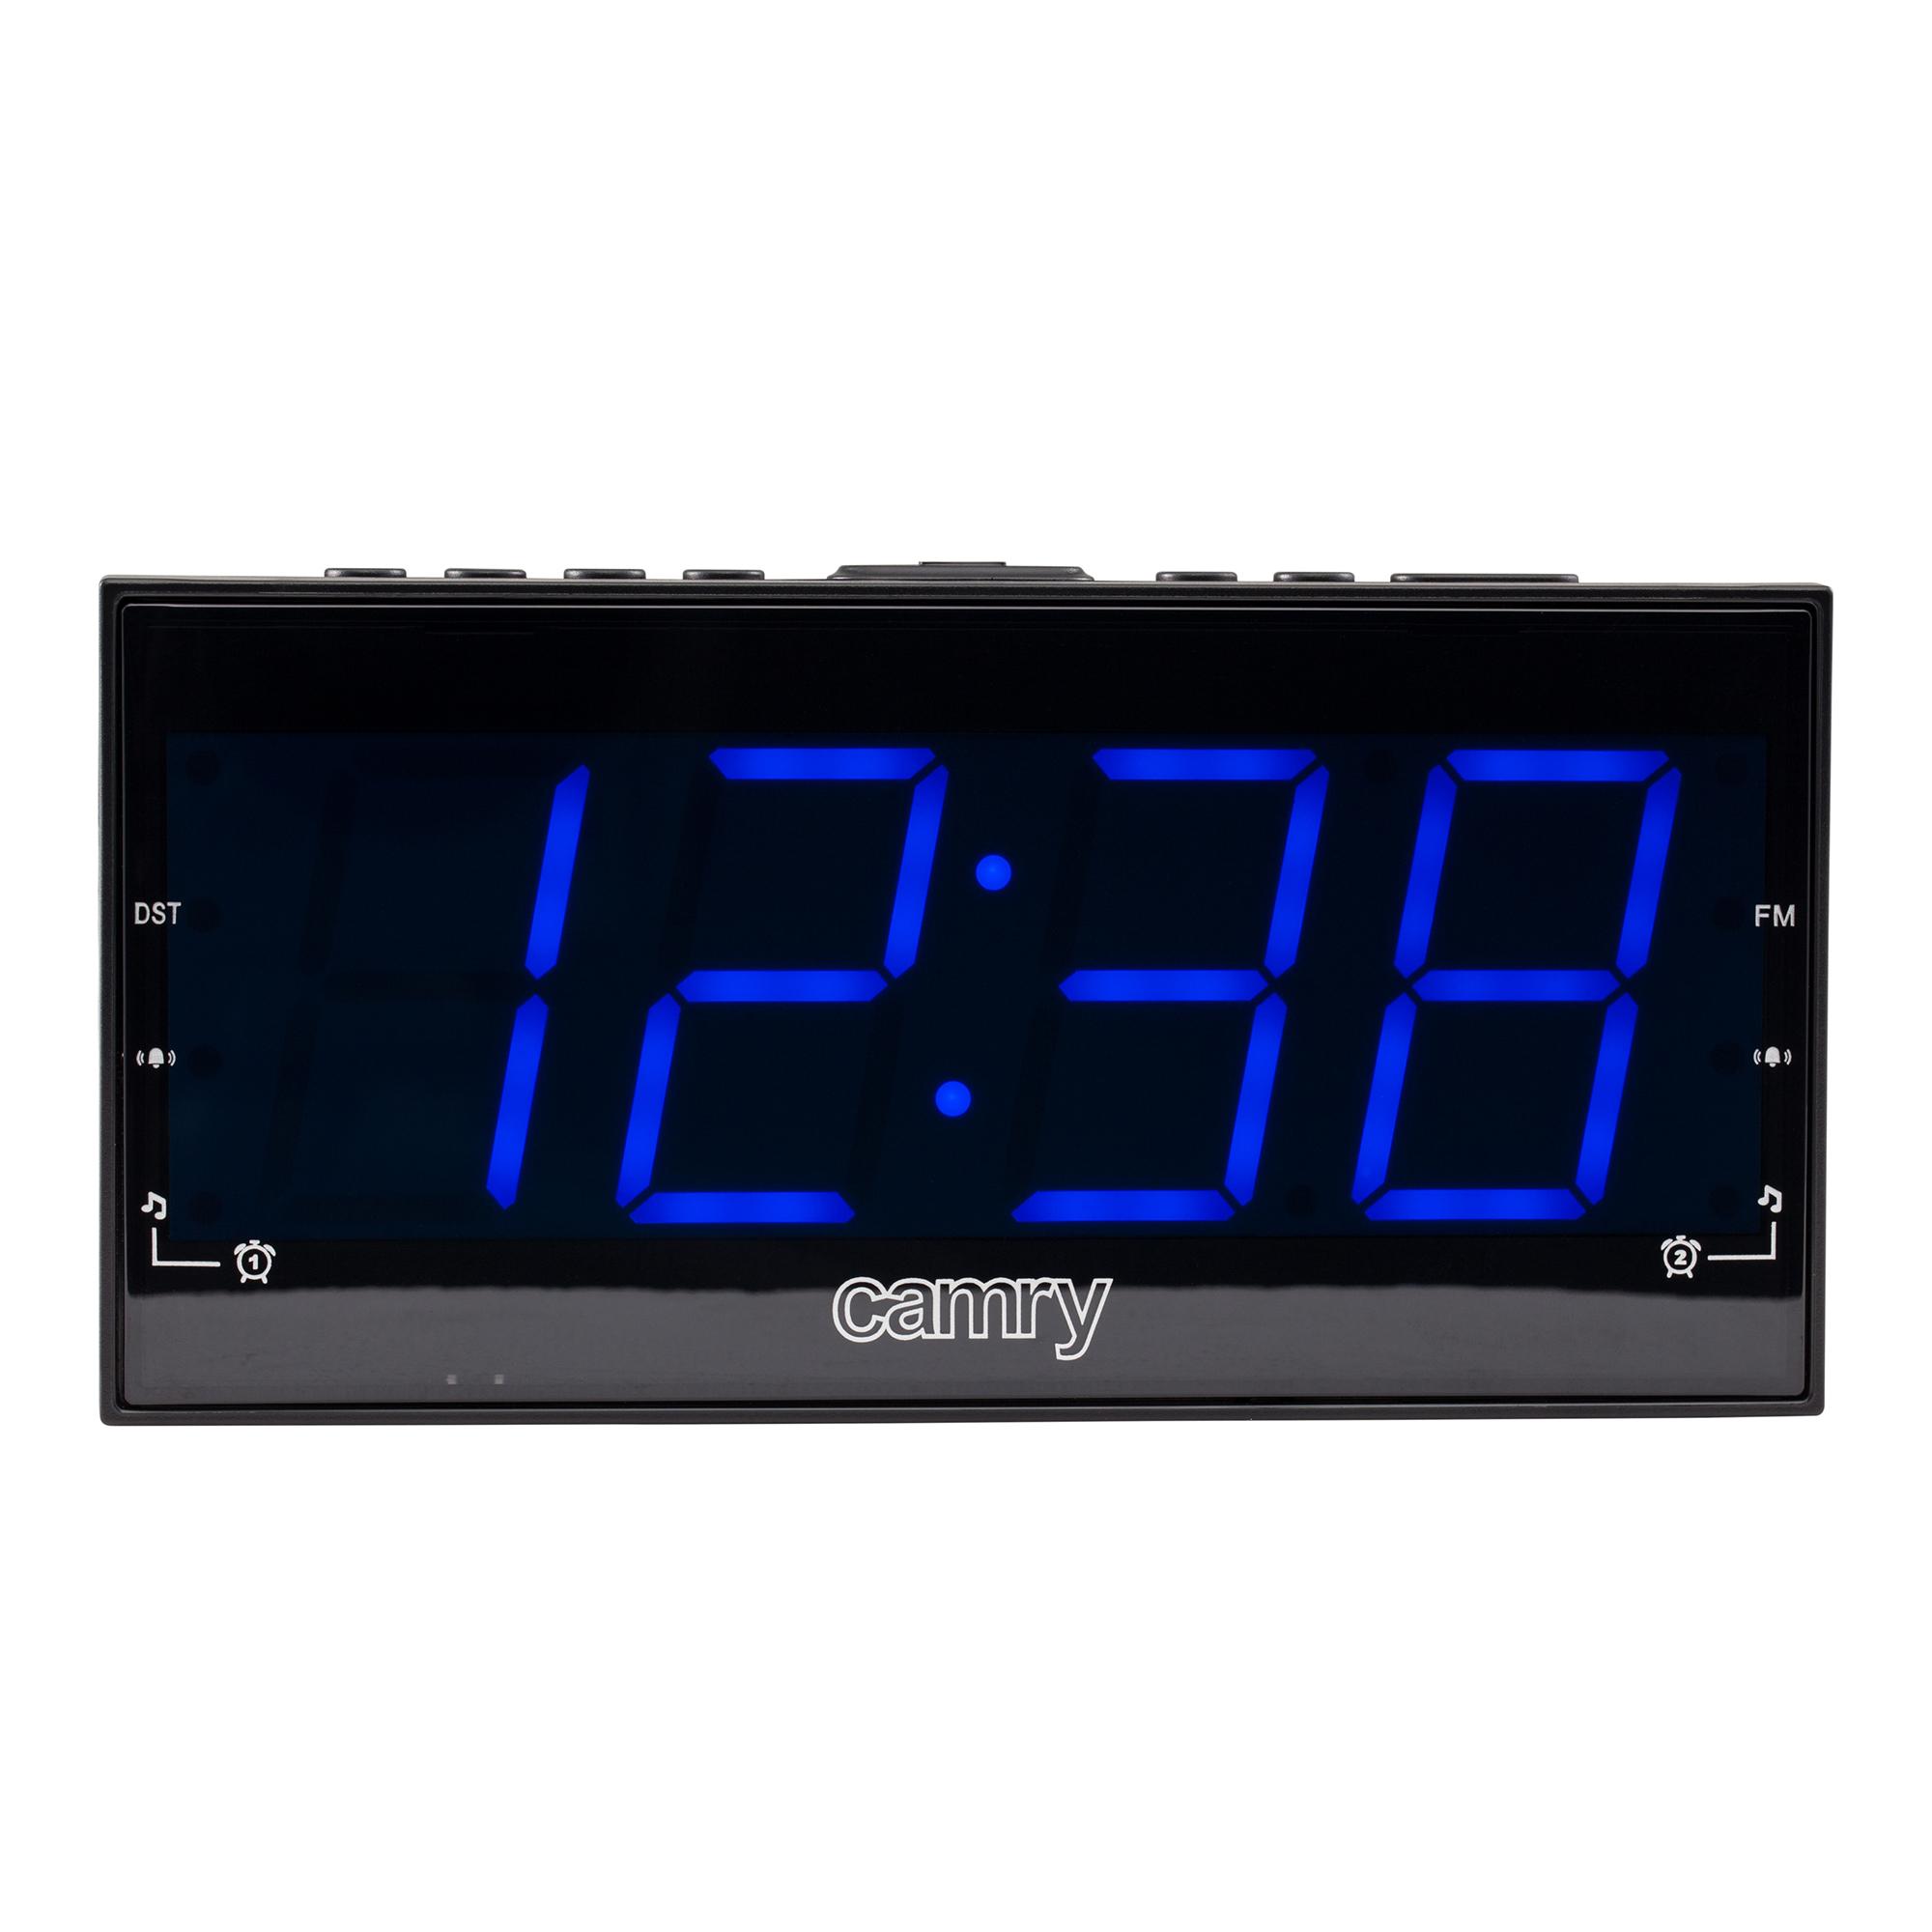 CAMRY CR1164 Radiodespertador Digital FM, Gran Pantalla LED, Dos Alarmas, 10 Pre sintonías, Función SNOOZE, SLEEP